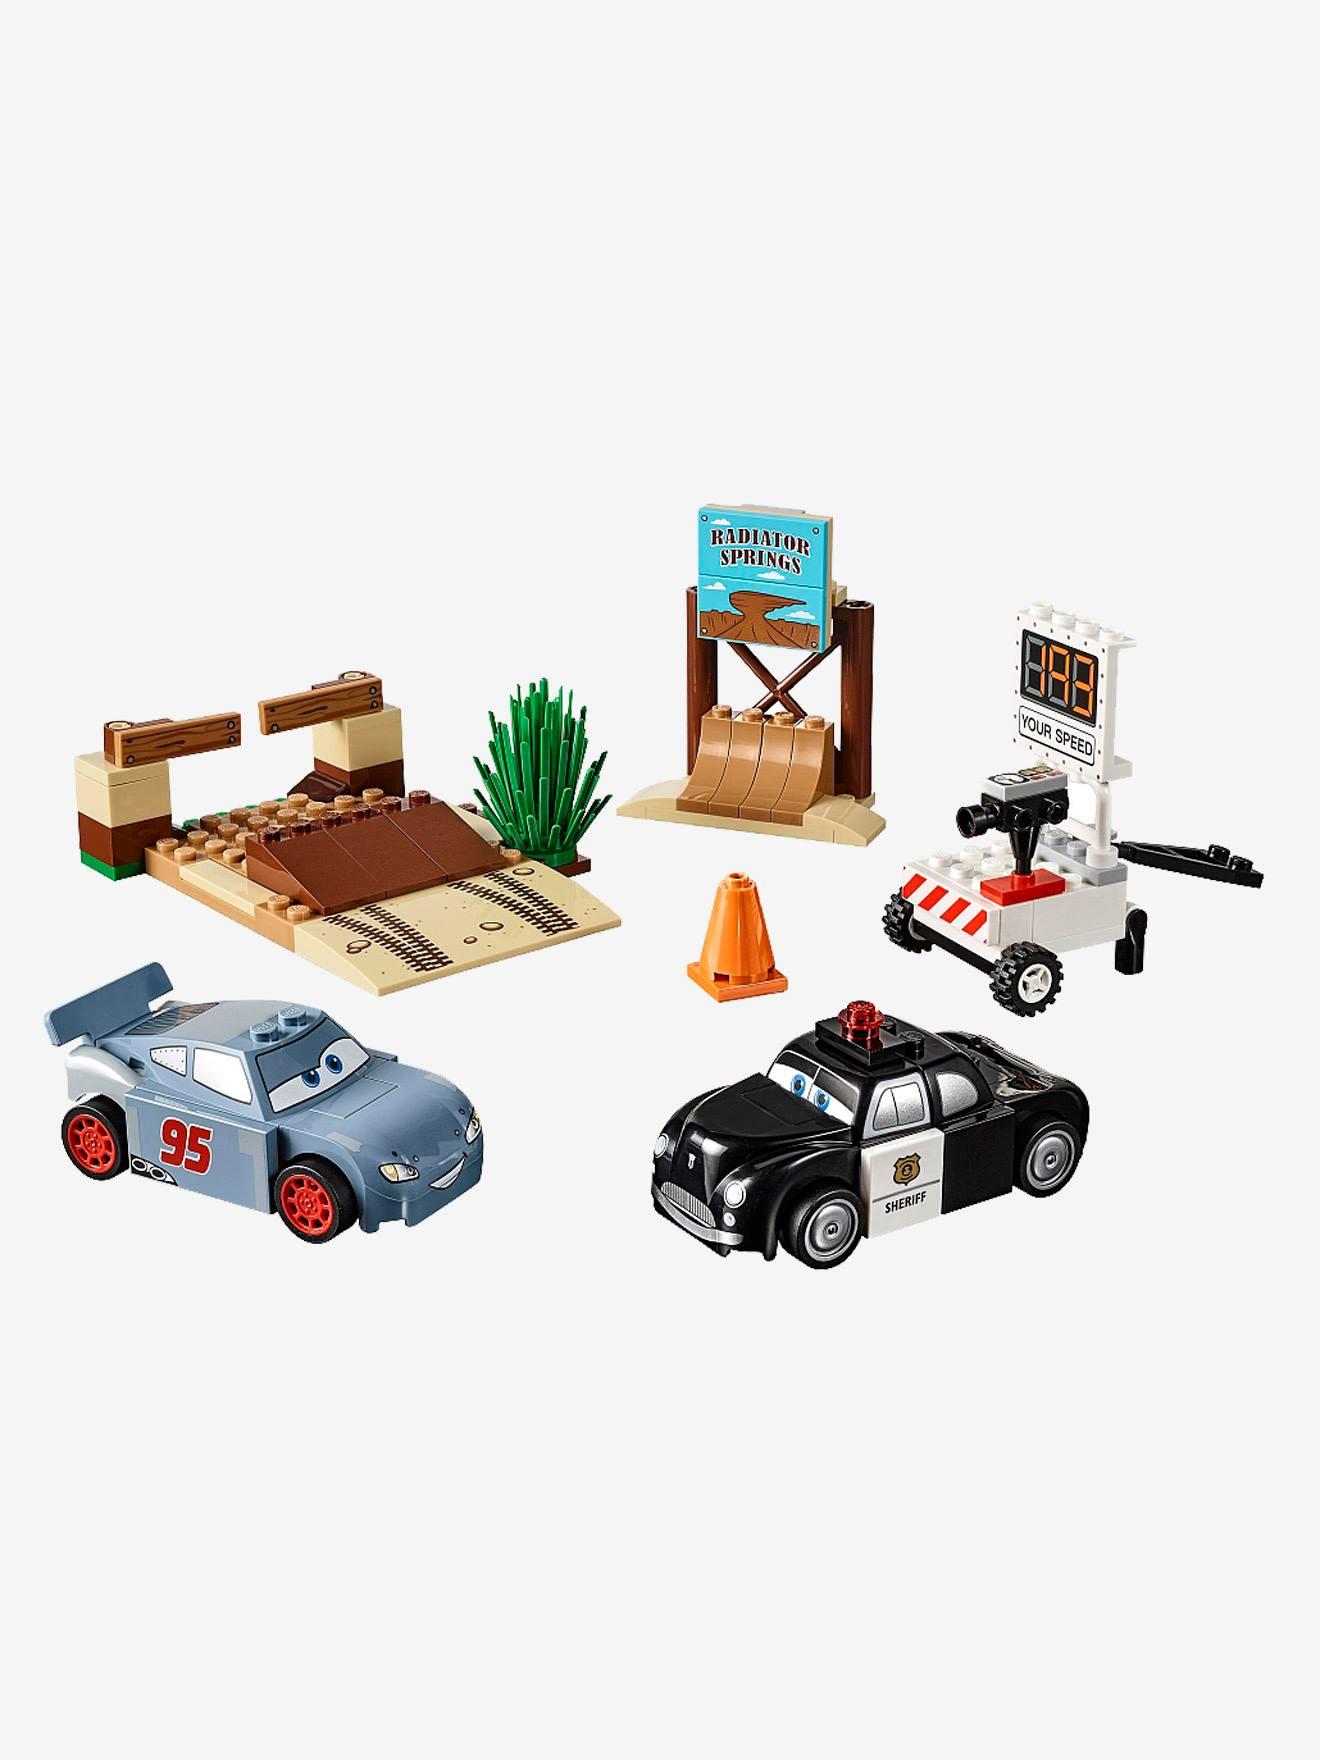 Duplo À Piste La Multicolore De Willy 10742 Butte Lego D'entraînement Junior UzpqMSVG